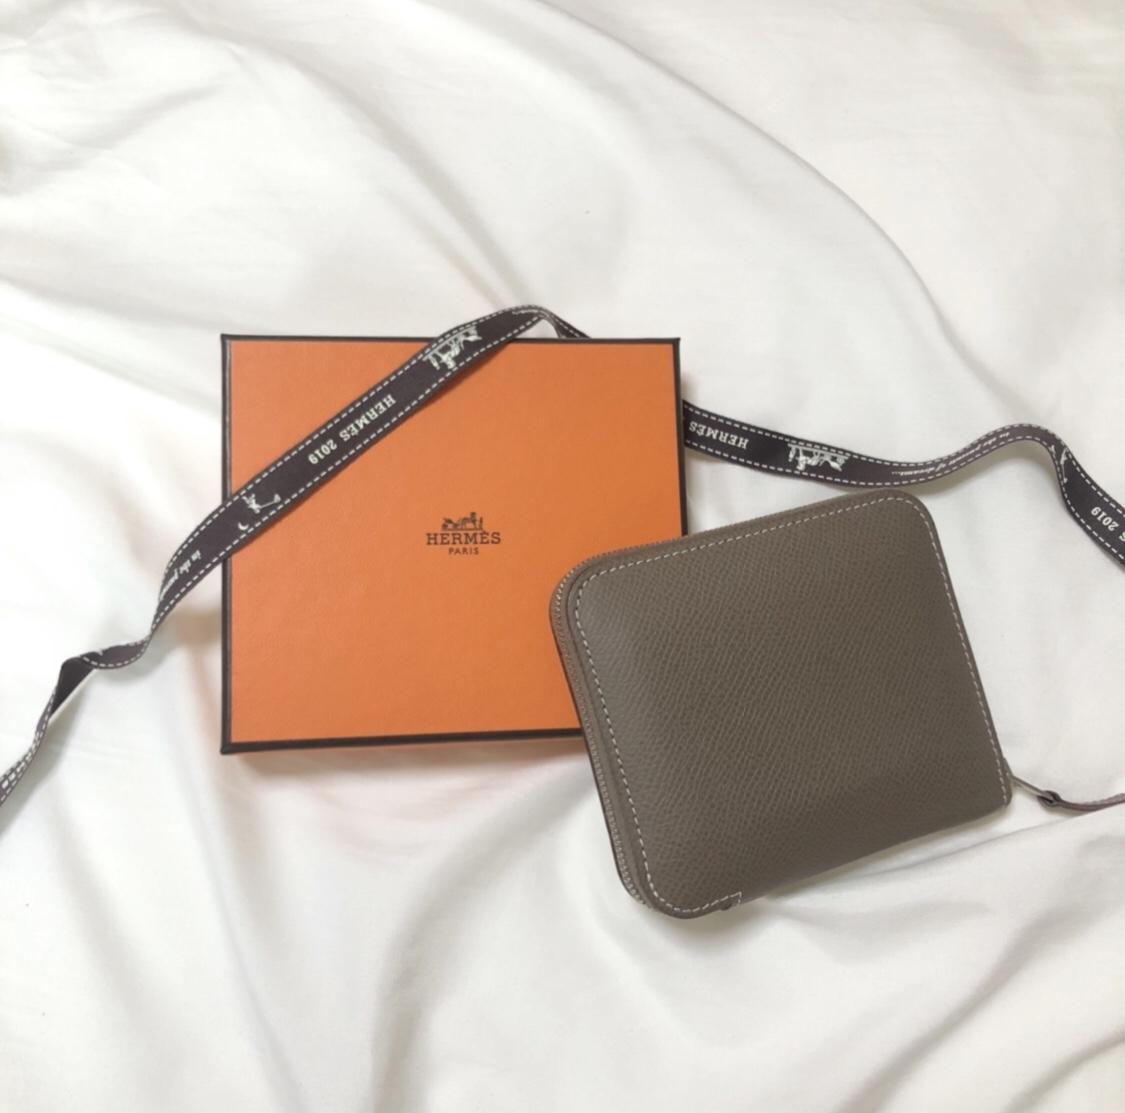 【20代女子の愛用財布】『エルメス』のコンパクト財布が人と被らない♡_1